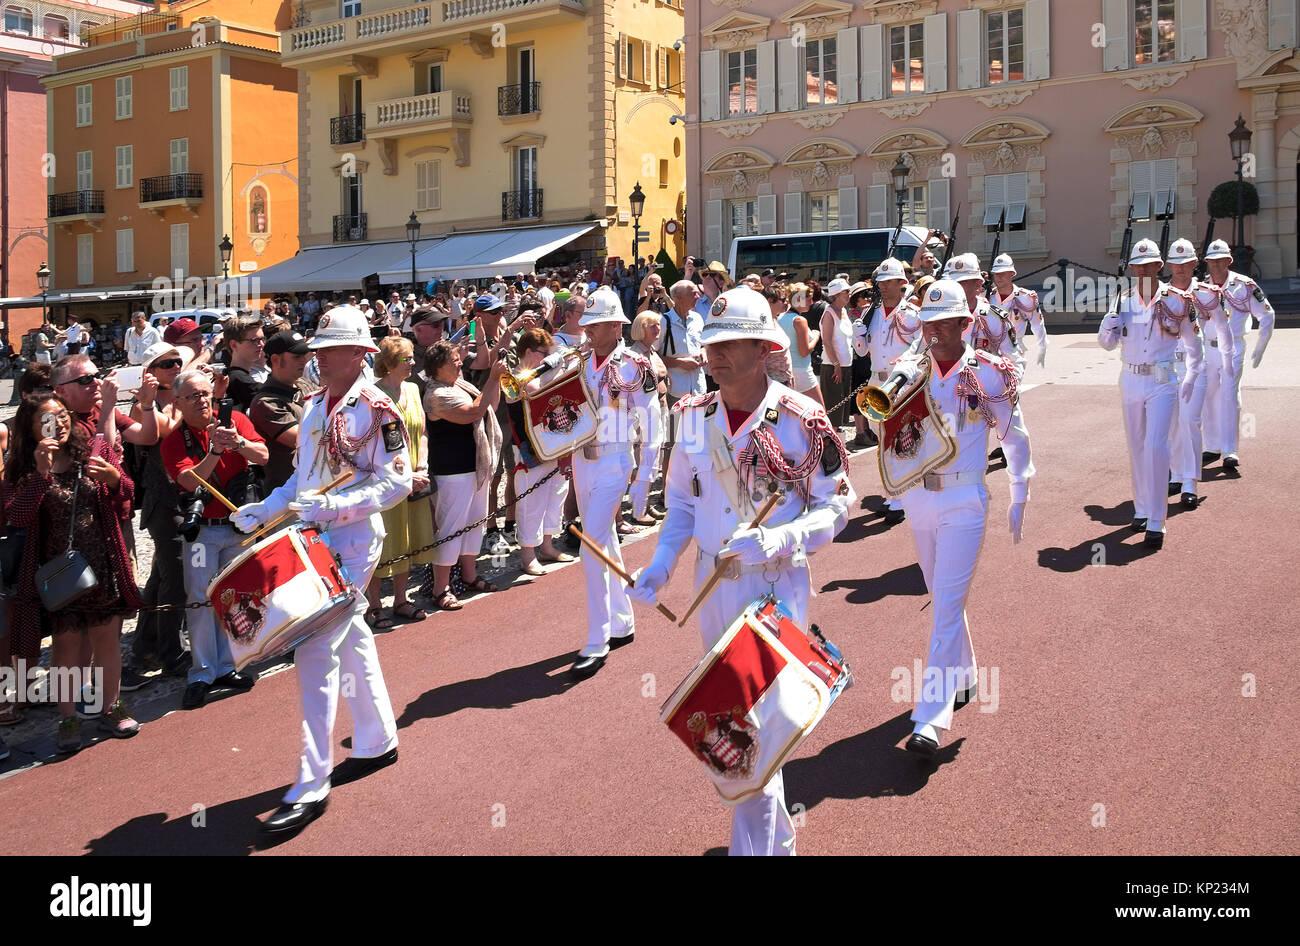 Cambio de guardia en el palacio real de Mónaco Imagen De Stock